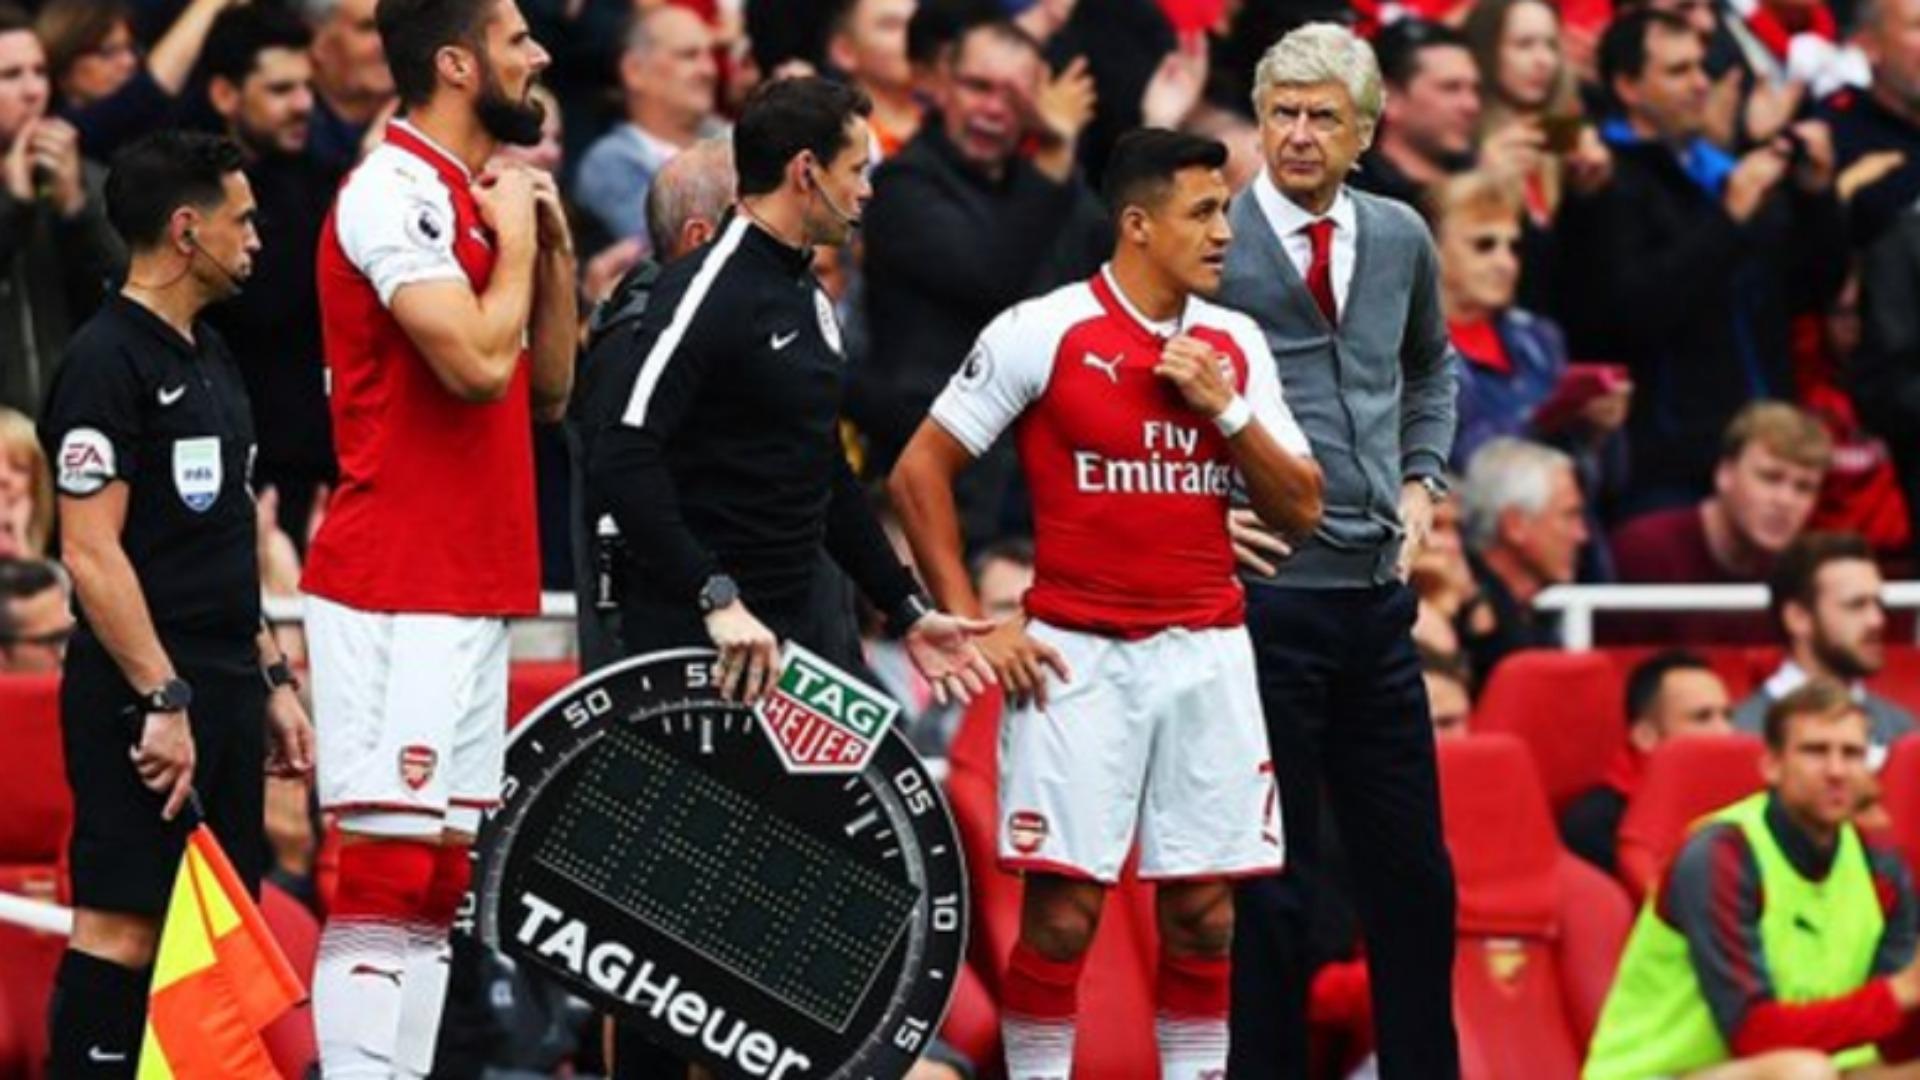 090917 Arsenal Bournemouth Arsene Wenger Alexis Sánchez Olivier Giroud